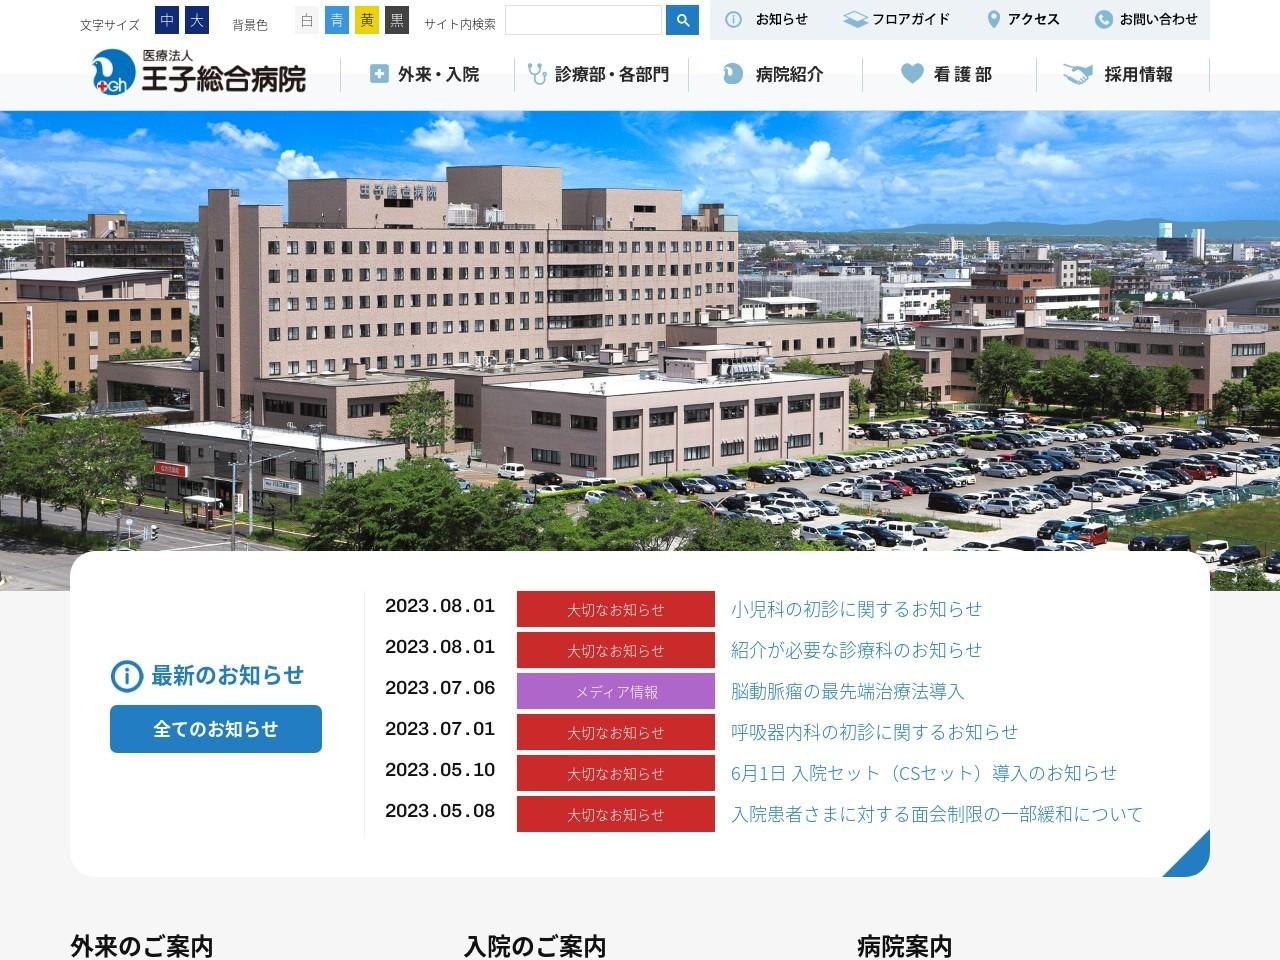 医療法人  王子総合病院 (北海道苫小牧市)